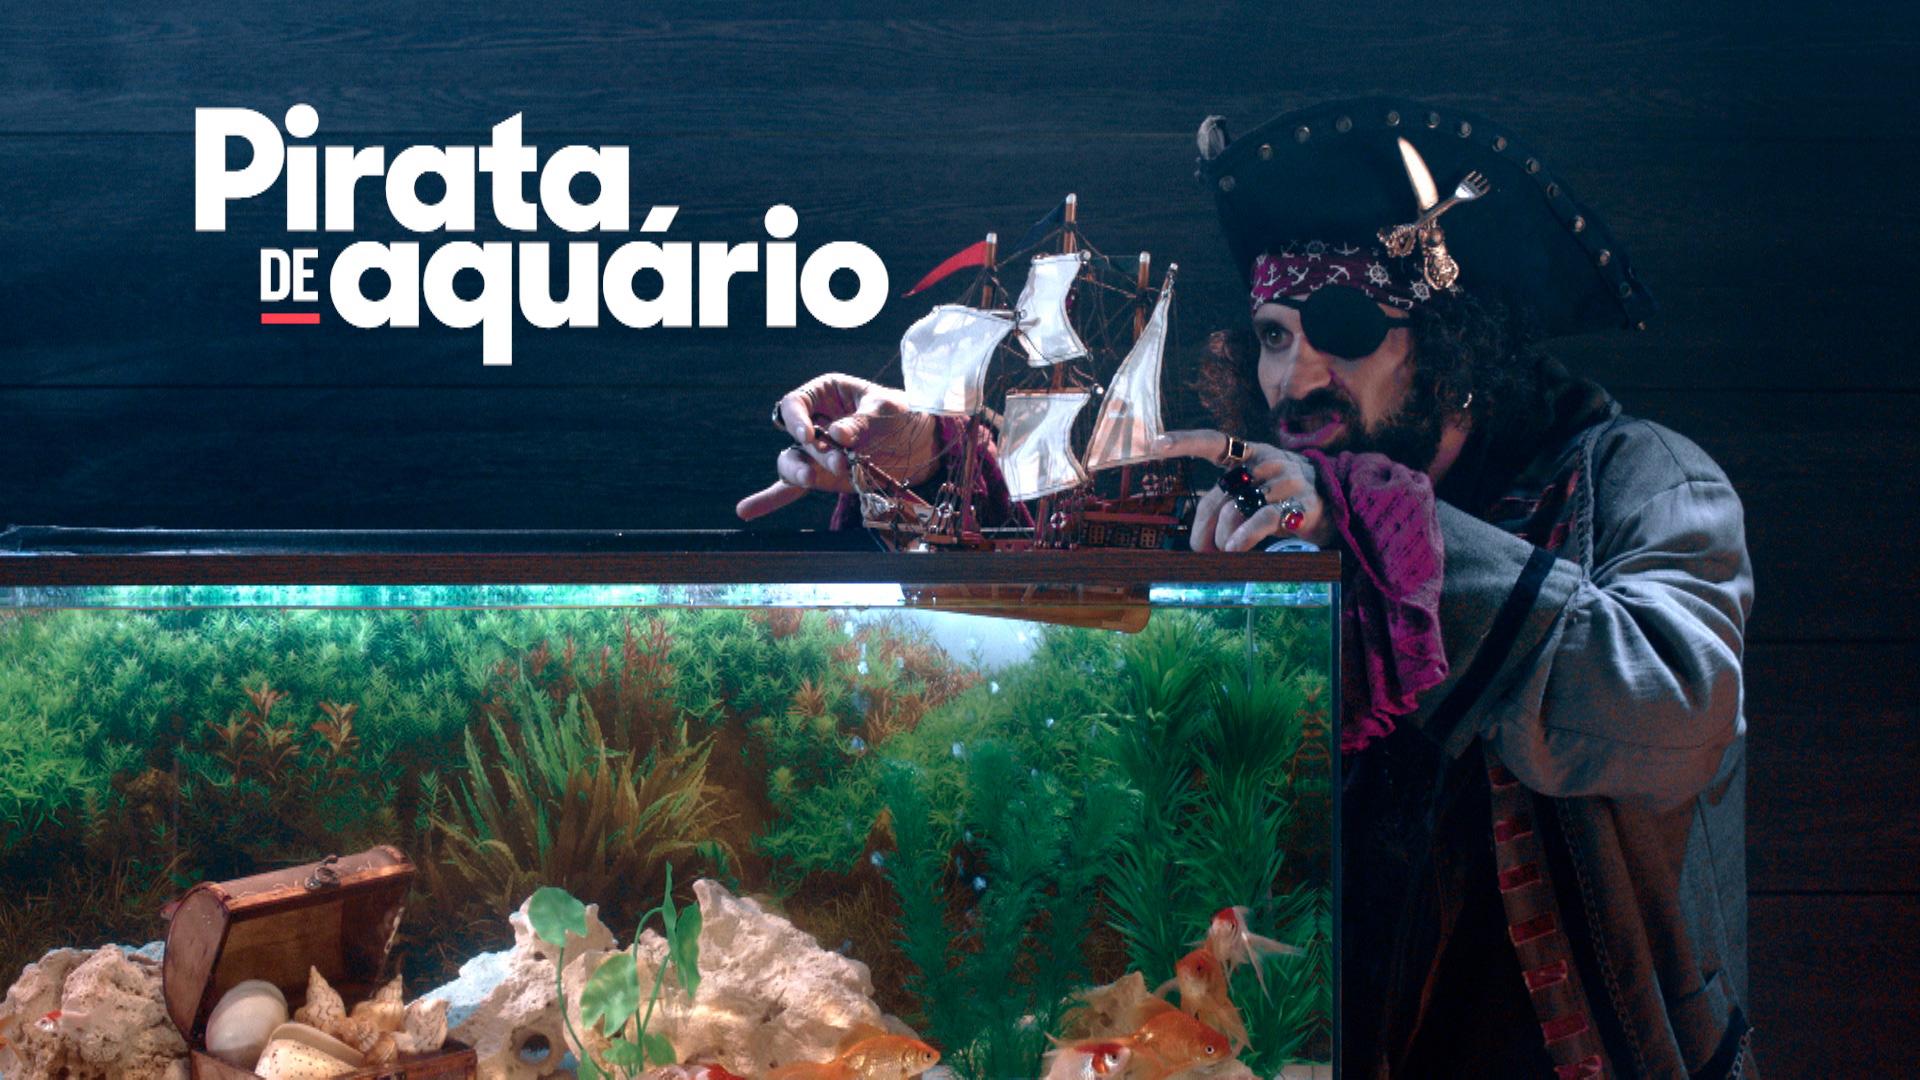 Um pirata brinca com um navio de brinquedo em um aquário